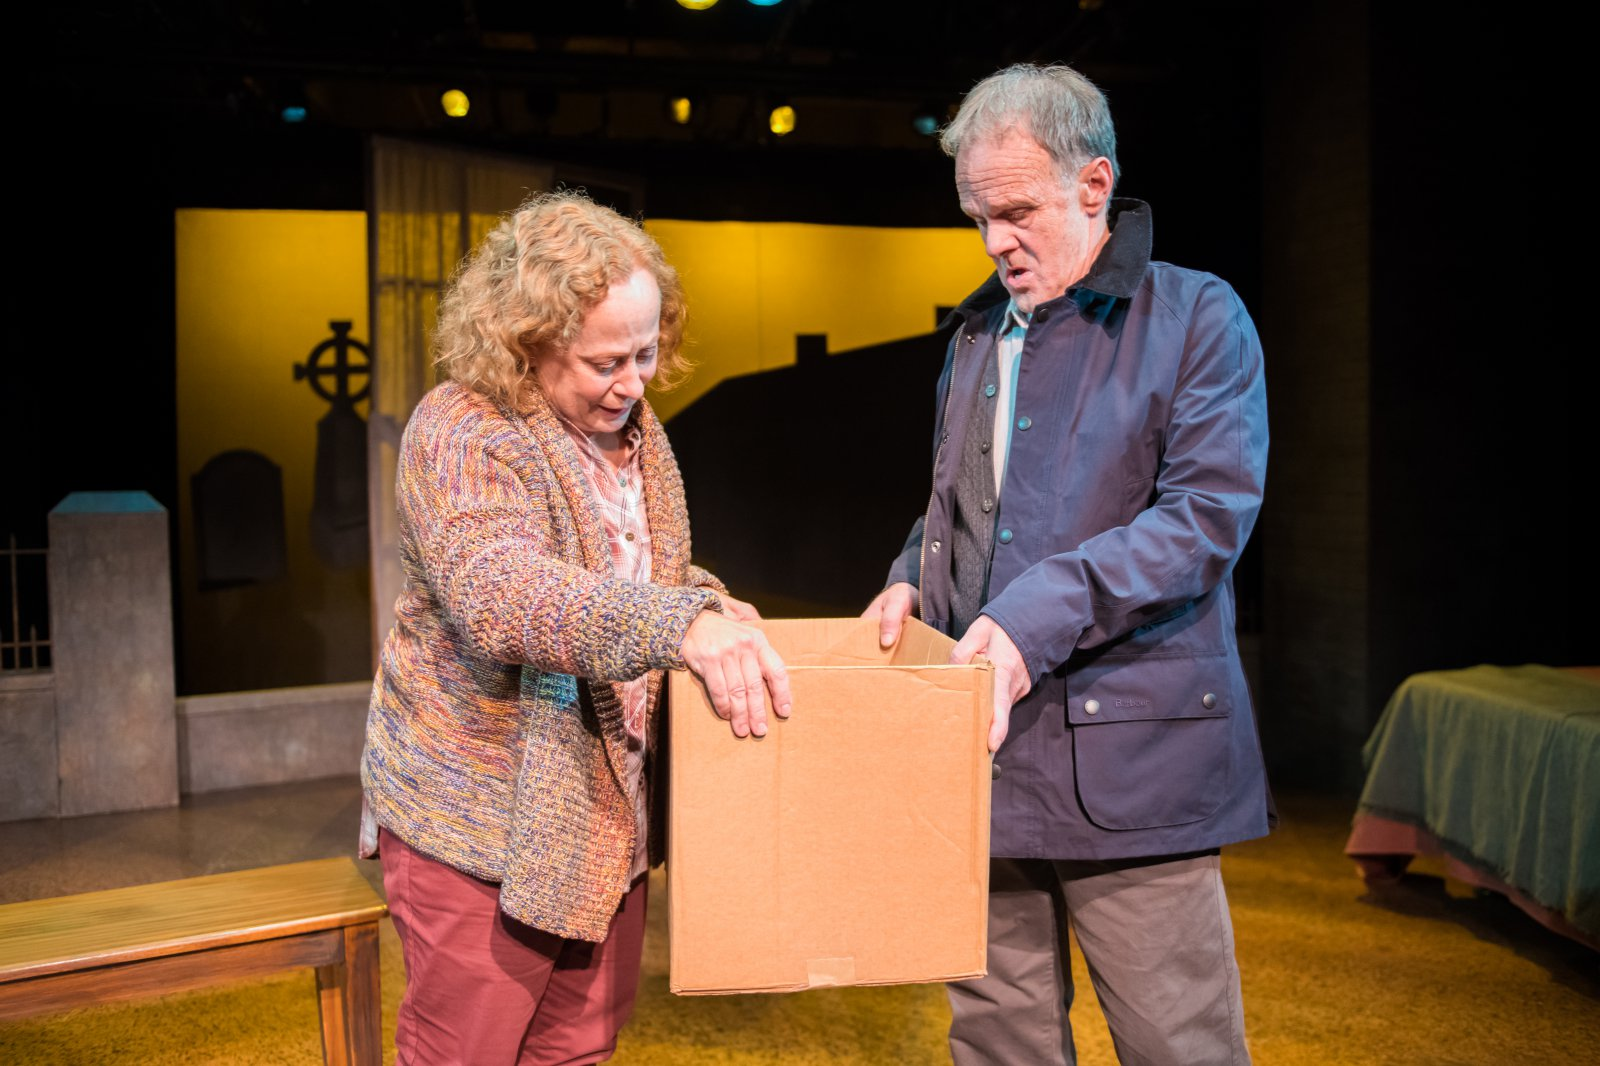 Jenny Wanasek as Betty and James Tasse as Dan